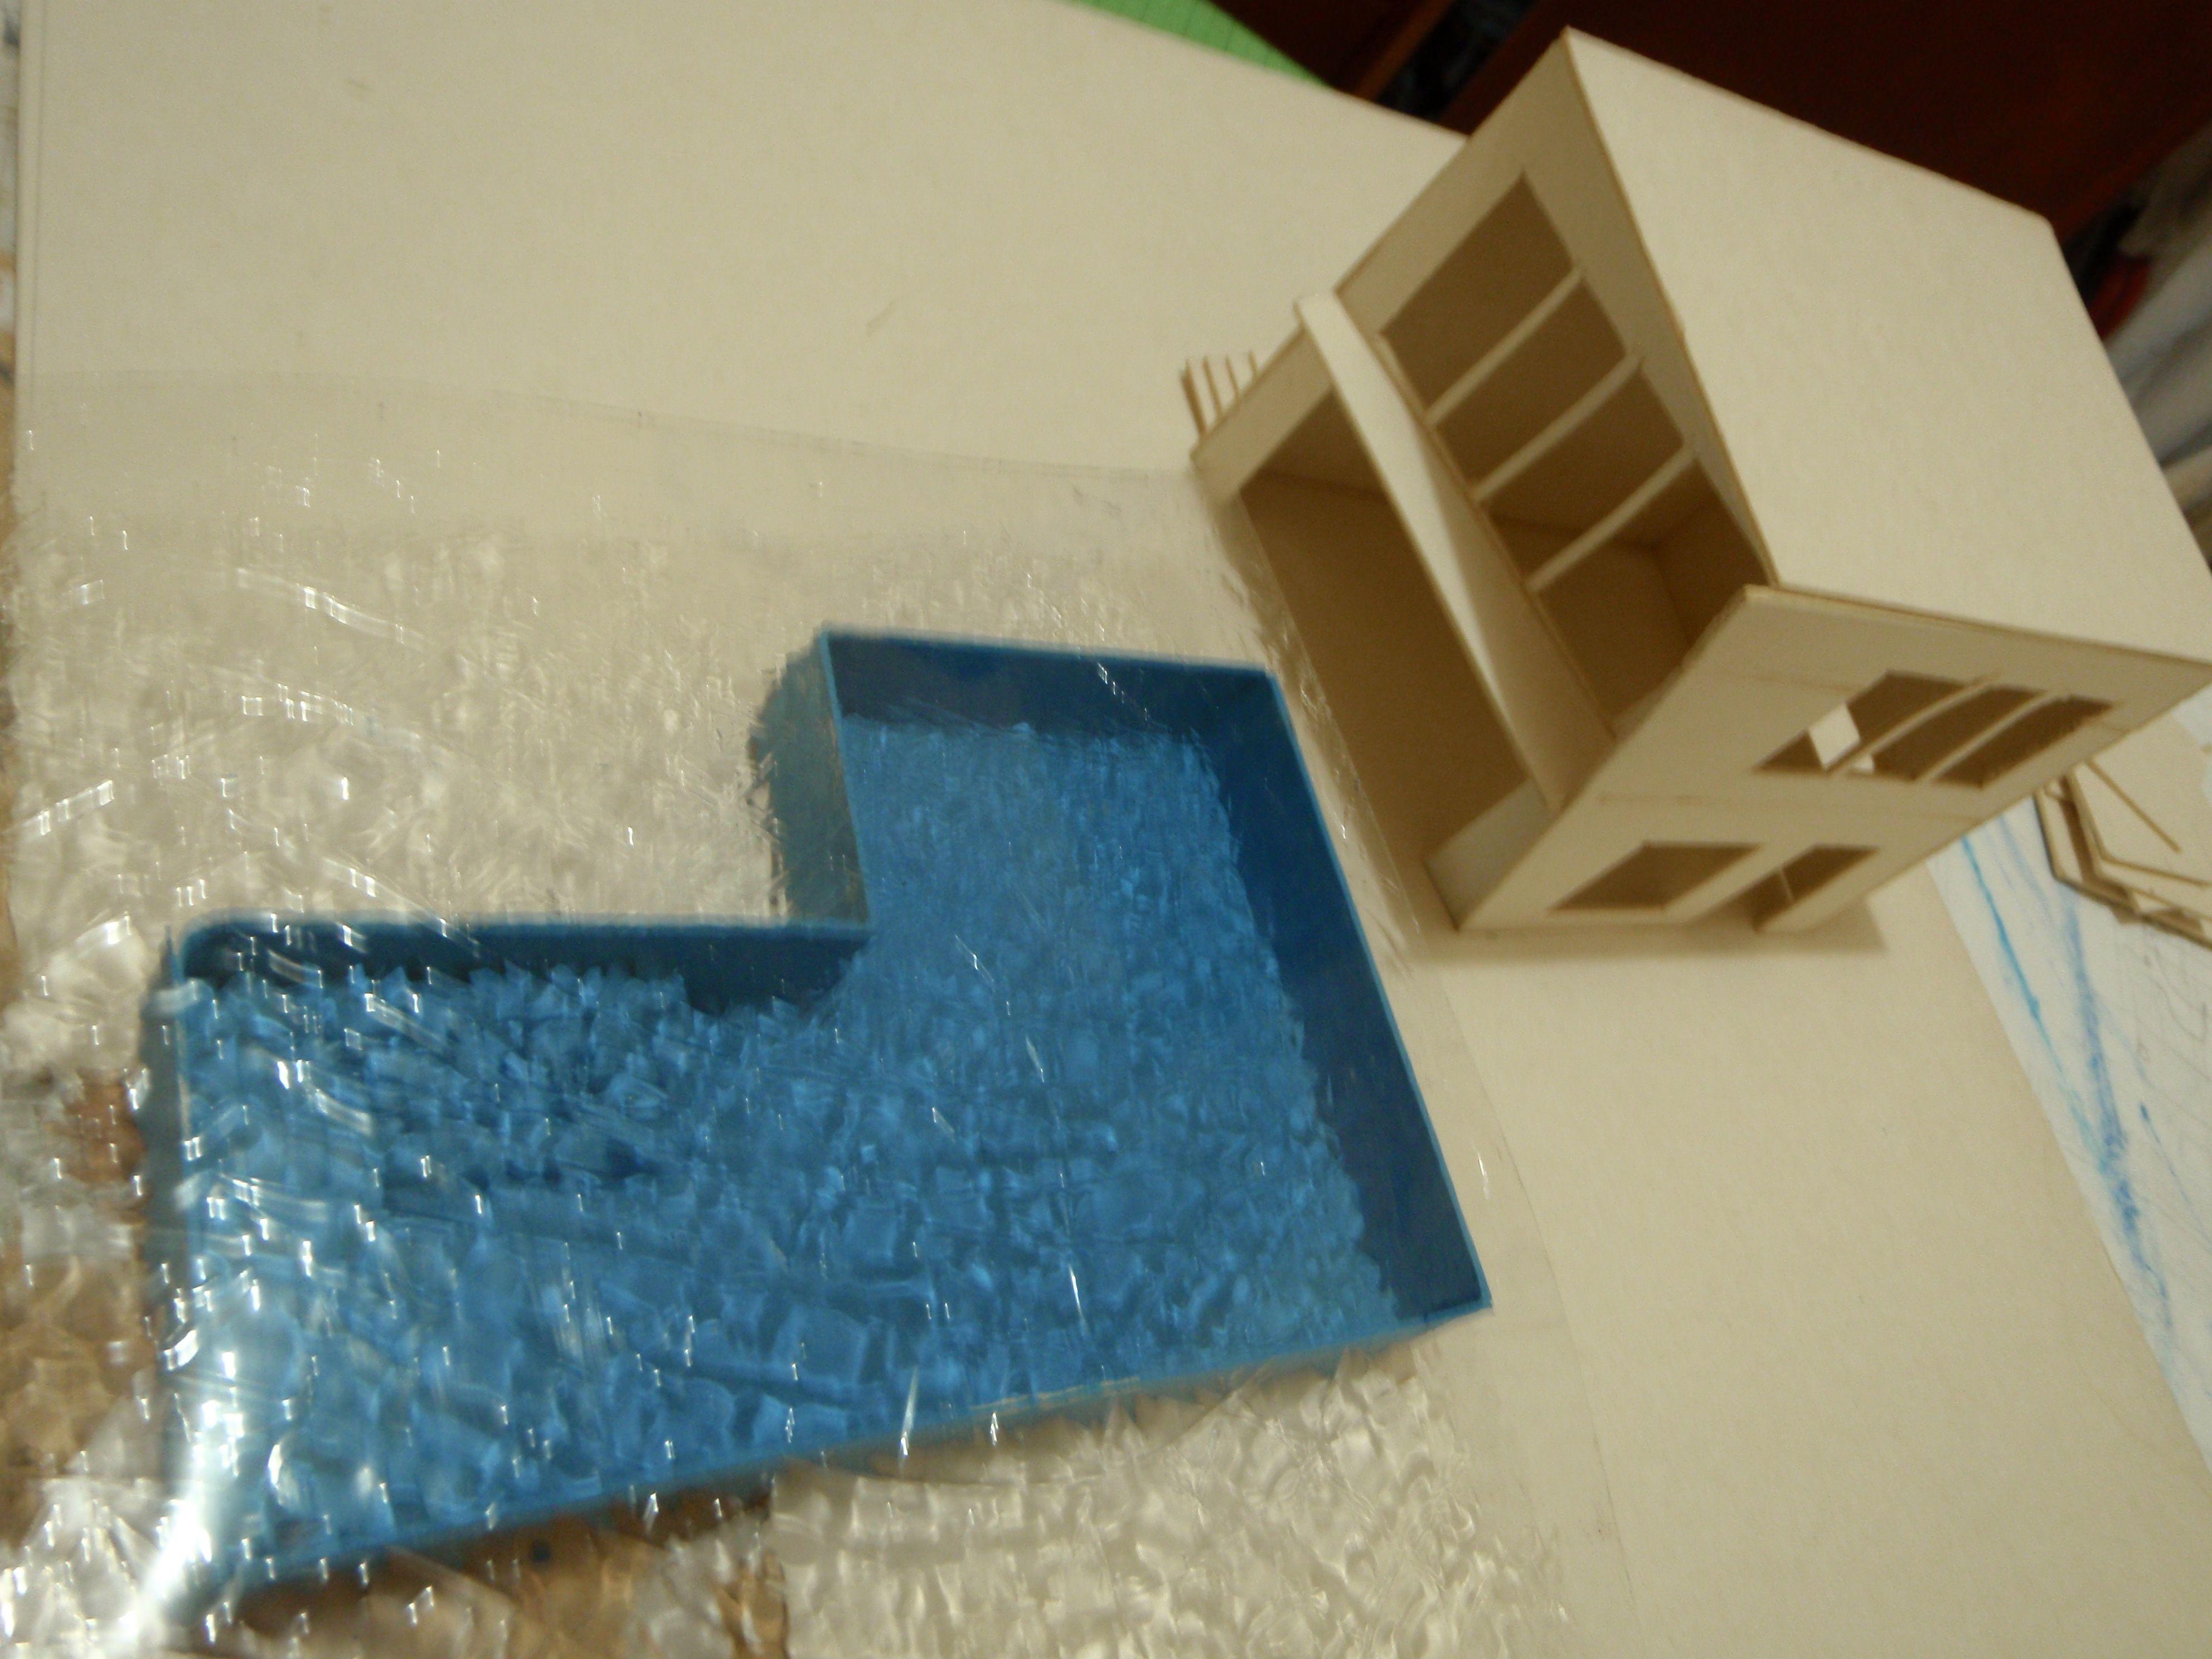 Maqueta alberca maquetas pinterest albercas - Materiales para hacer una piscina ...